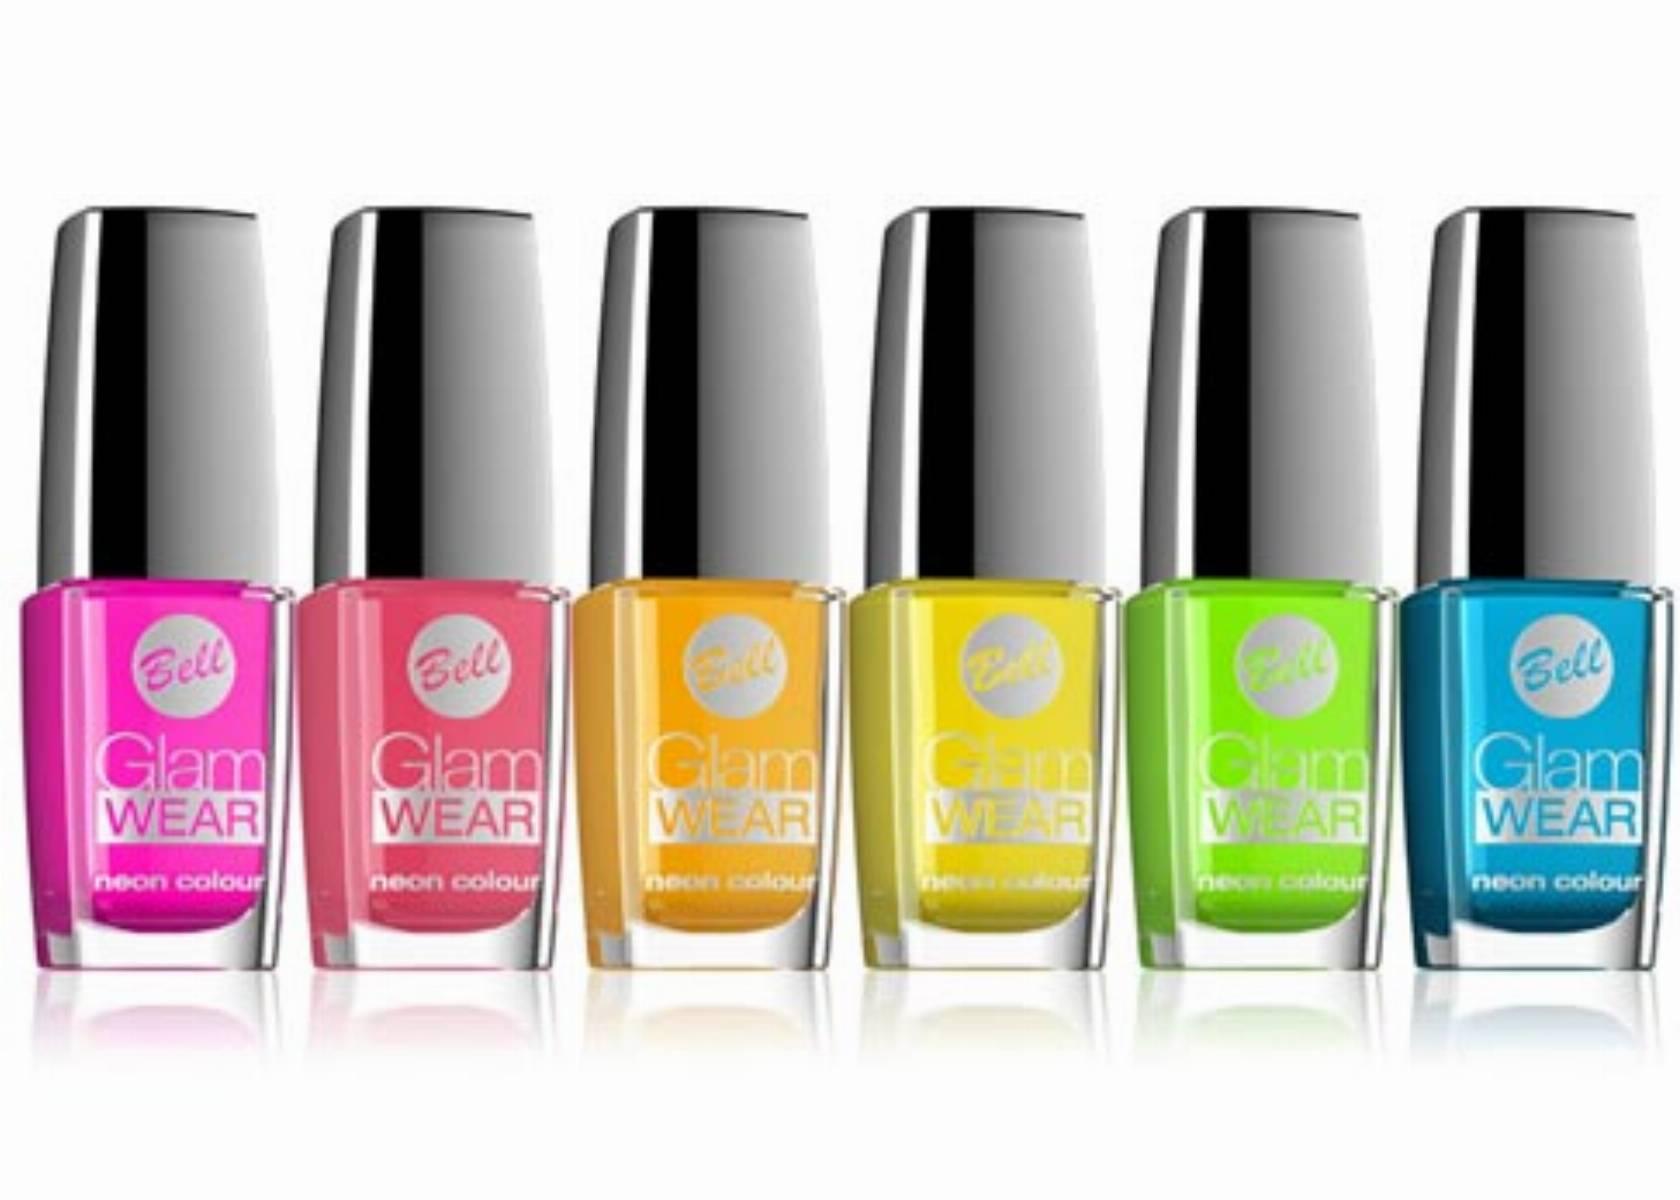 GLAM WEAR Neon colour - lakiery do paznokci